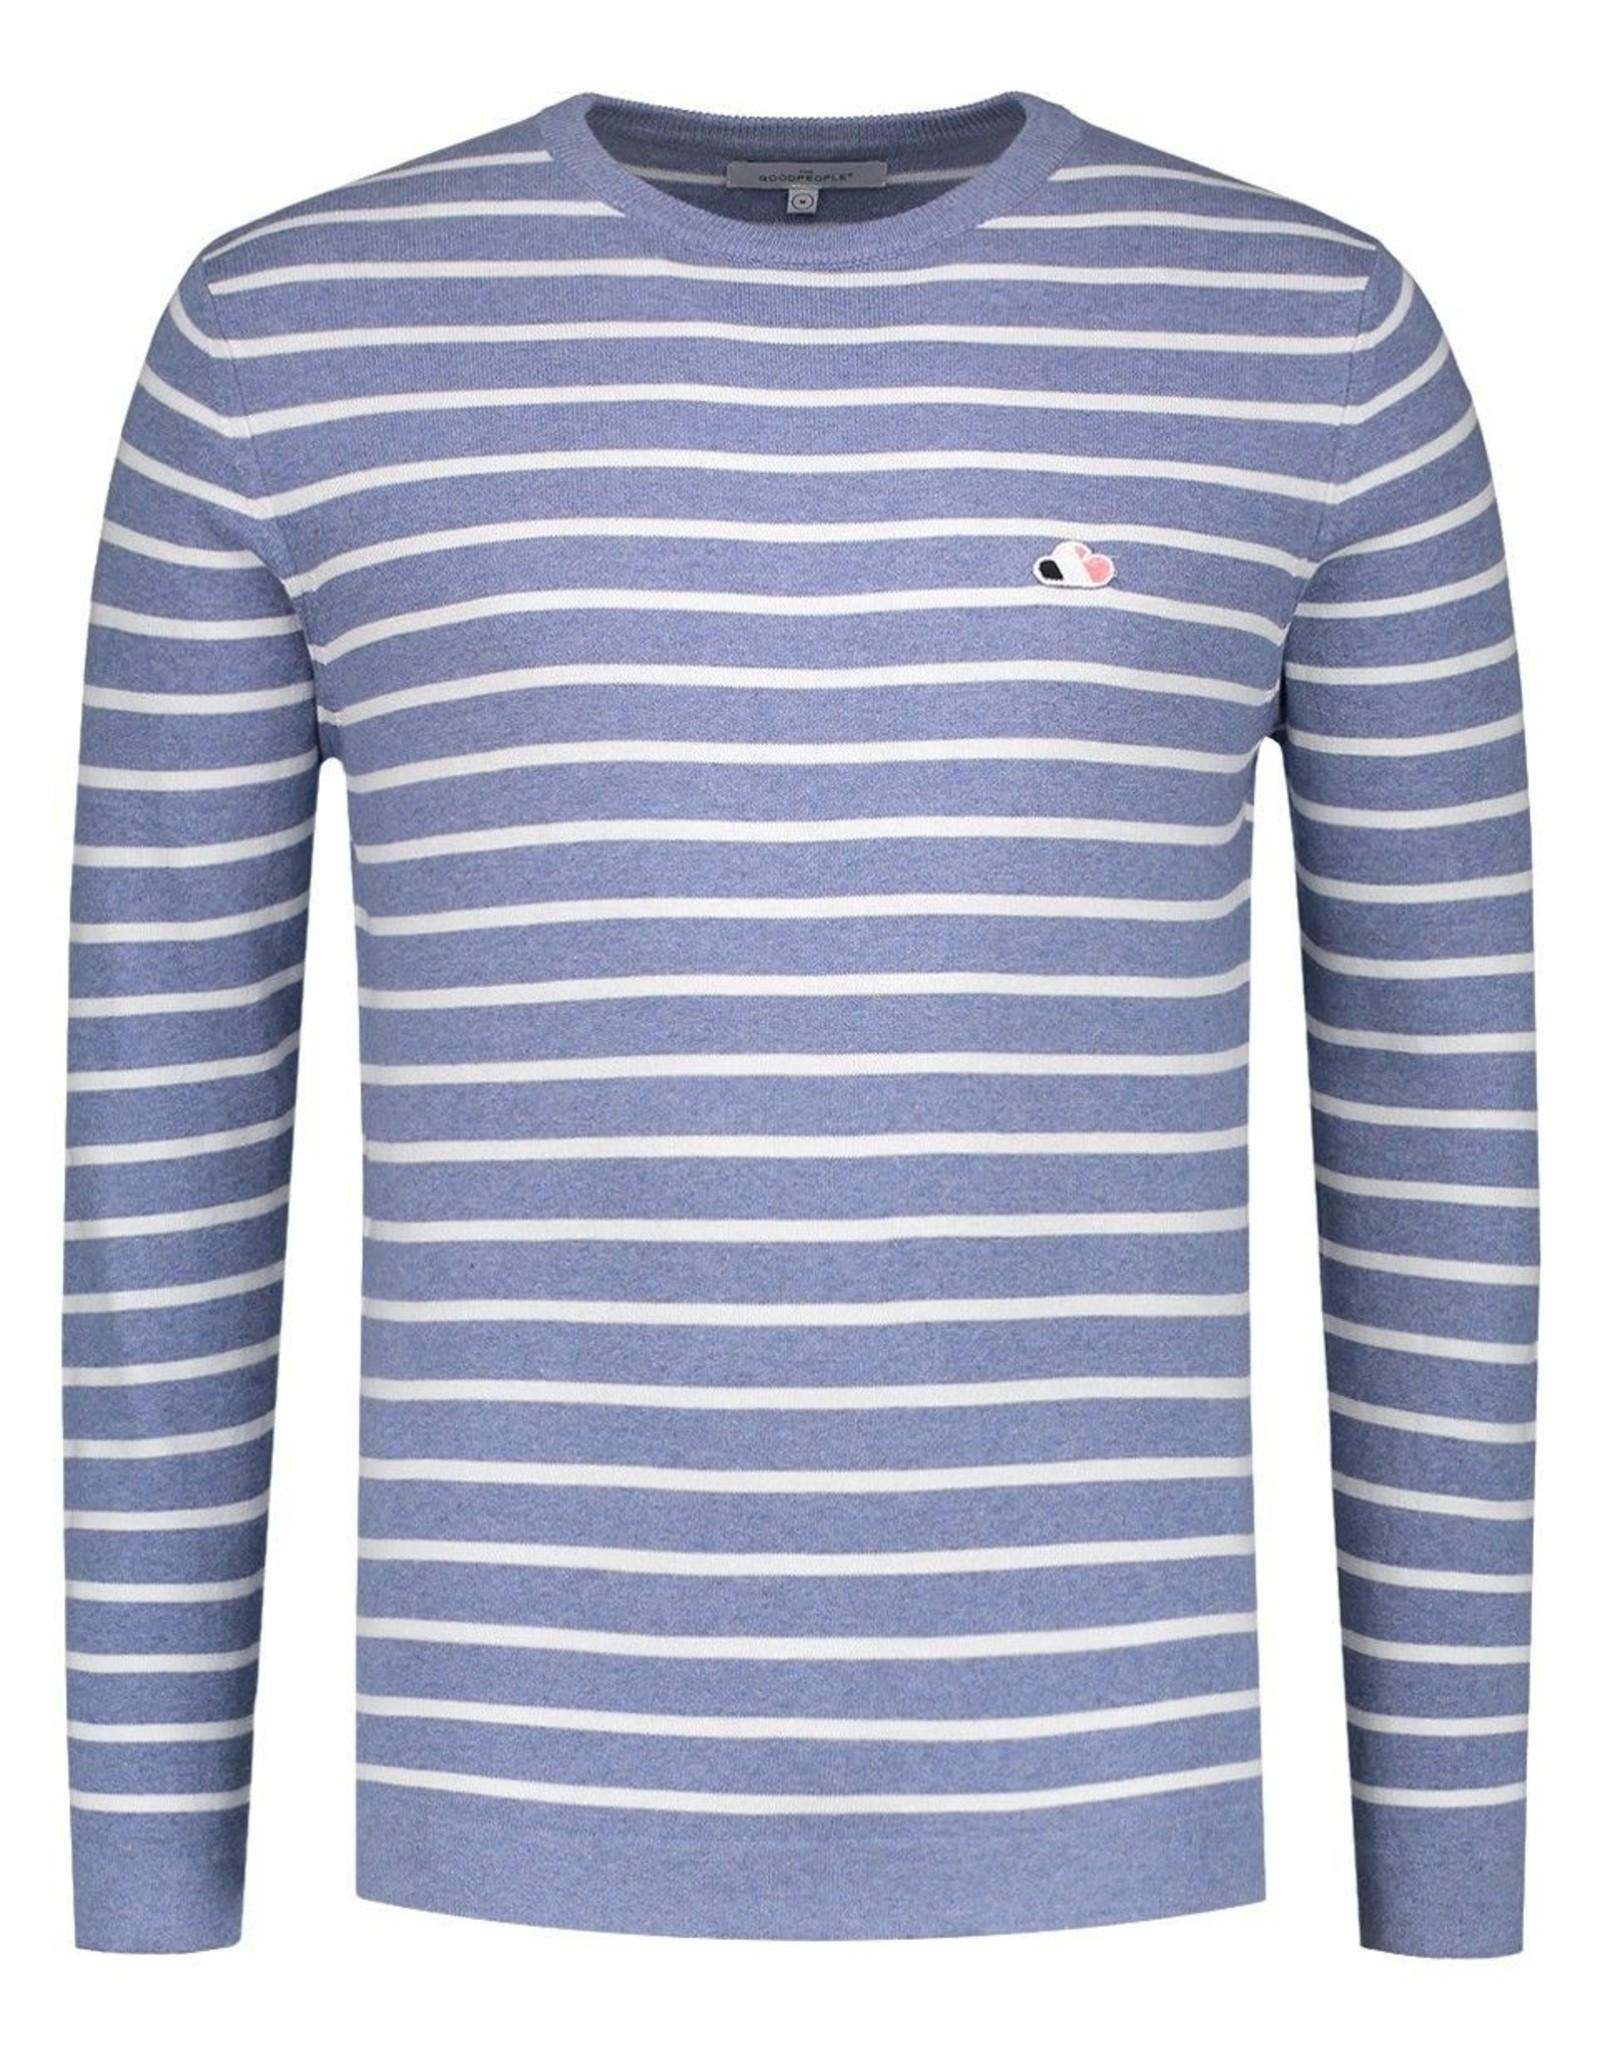 Sweater Stripe Ligt blue